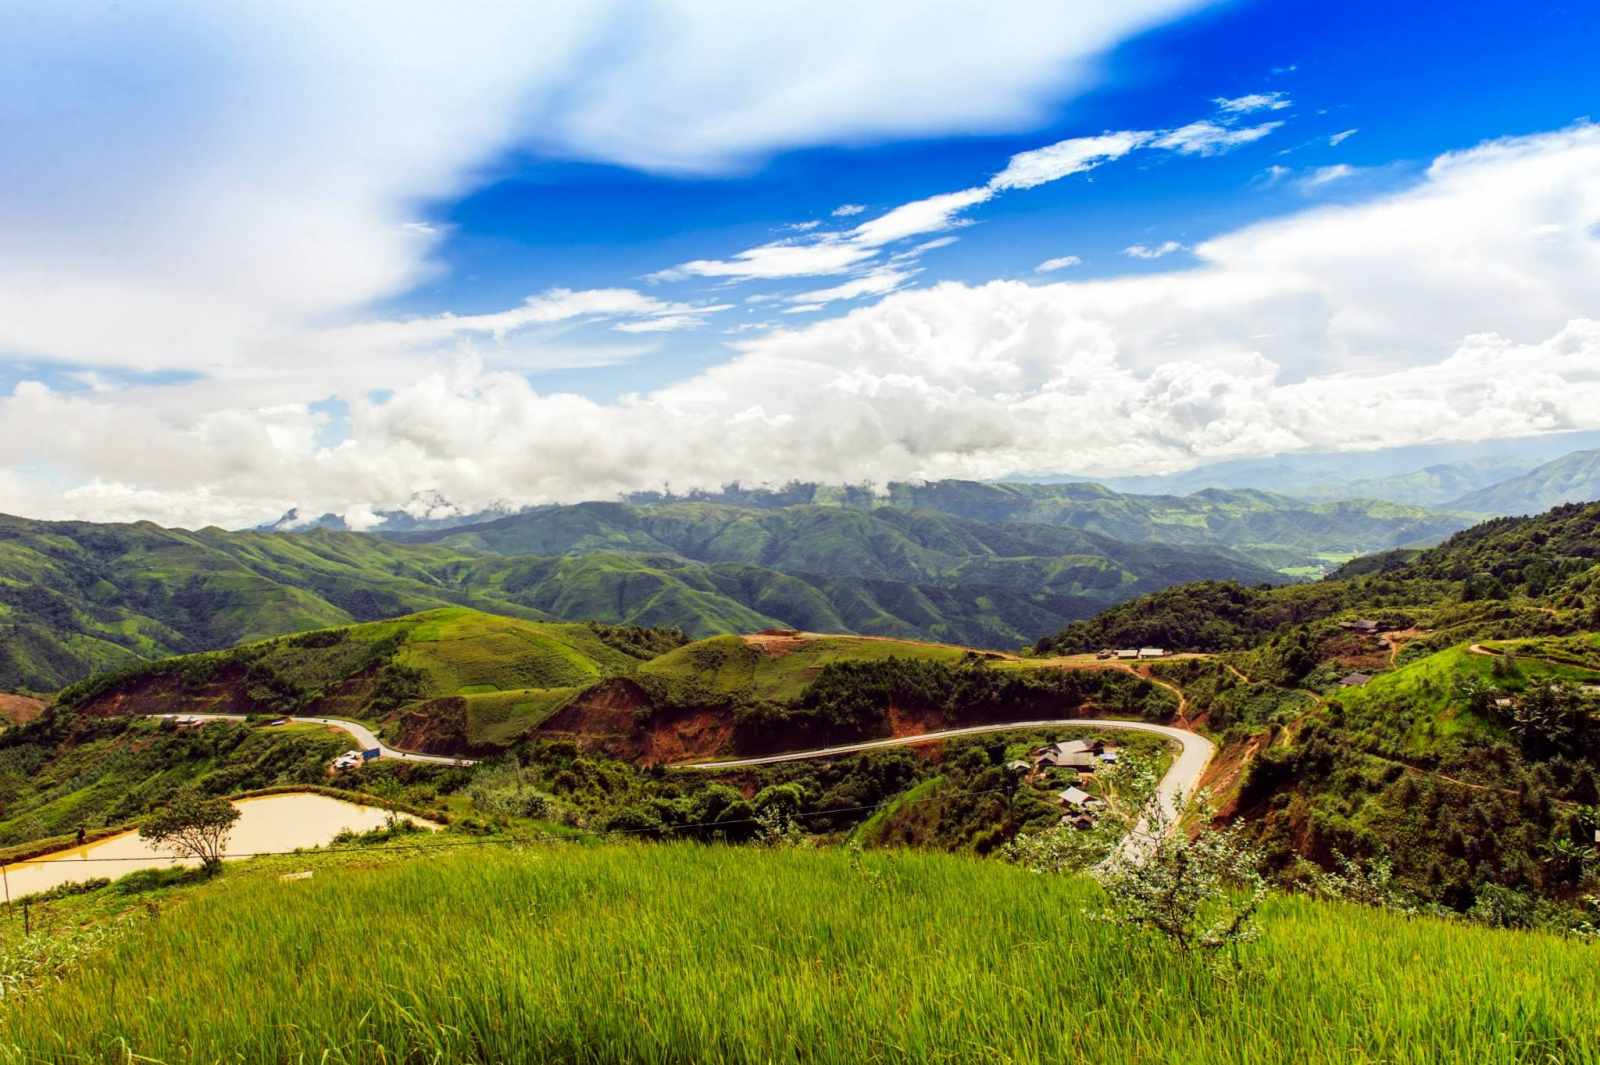 Tour Tây Bắc - Bao la vùng trời Tây Bắc với đèo Pha Đin